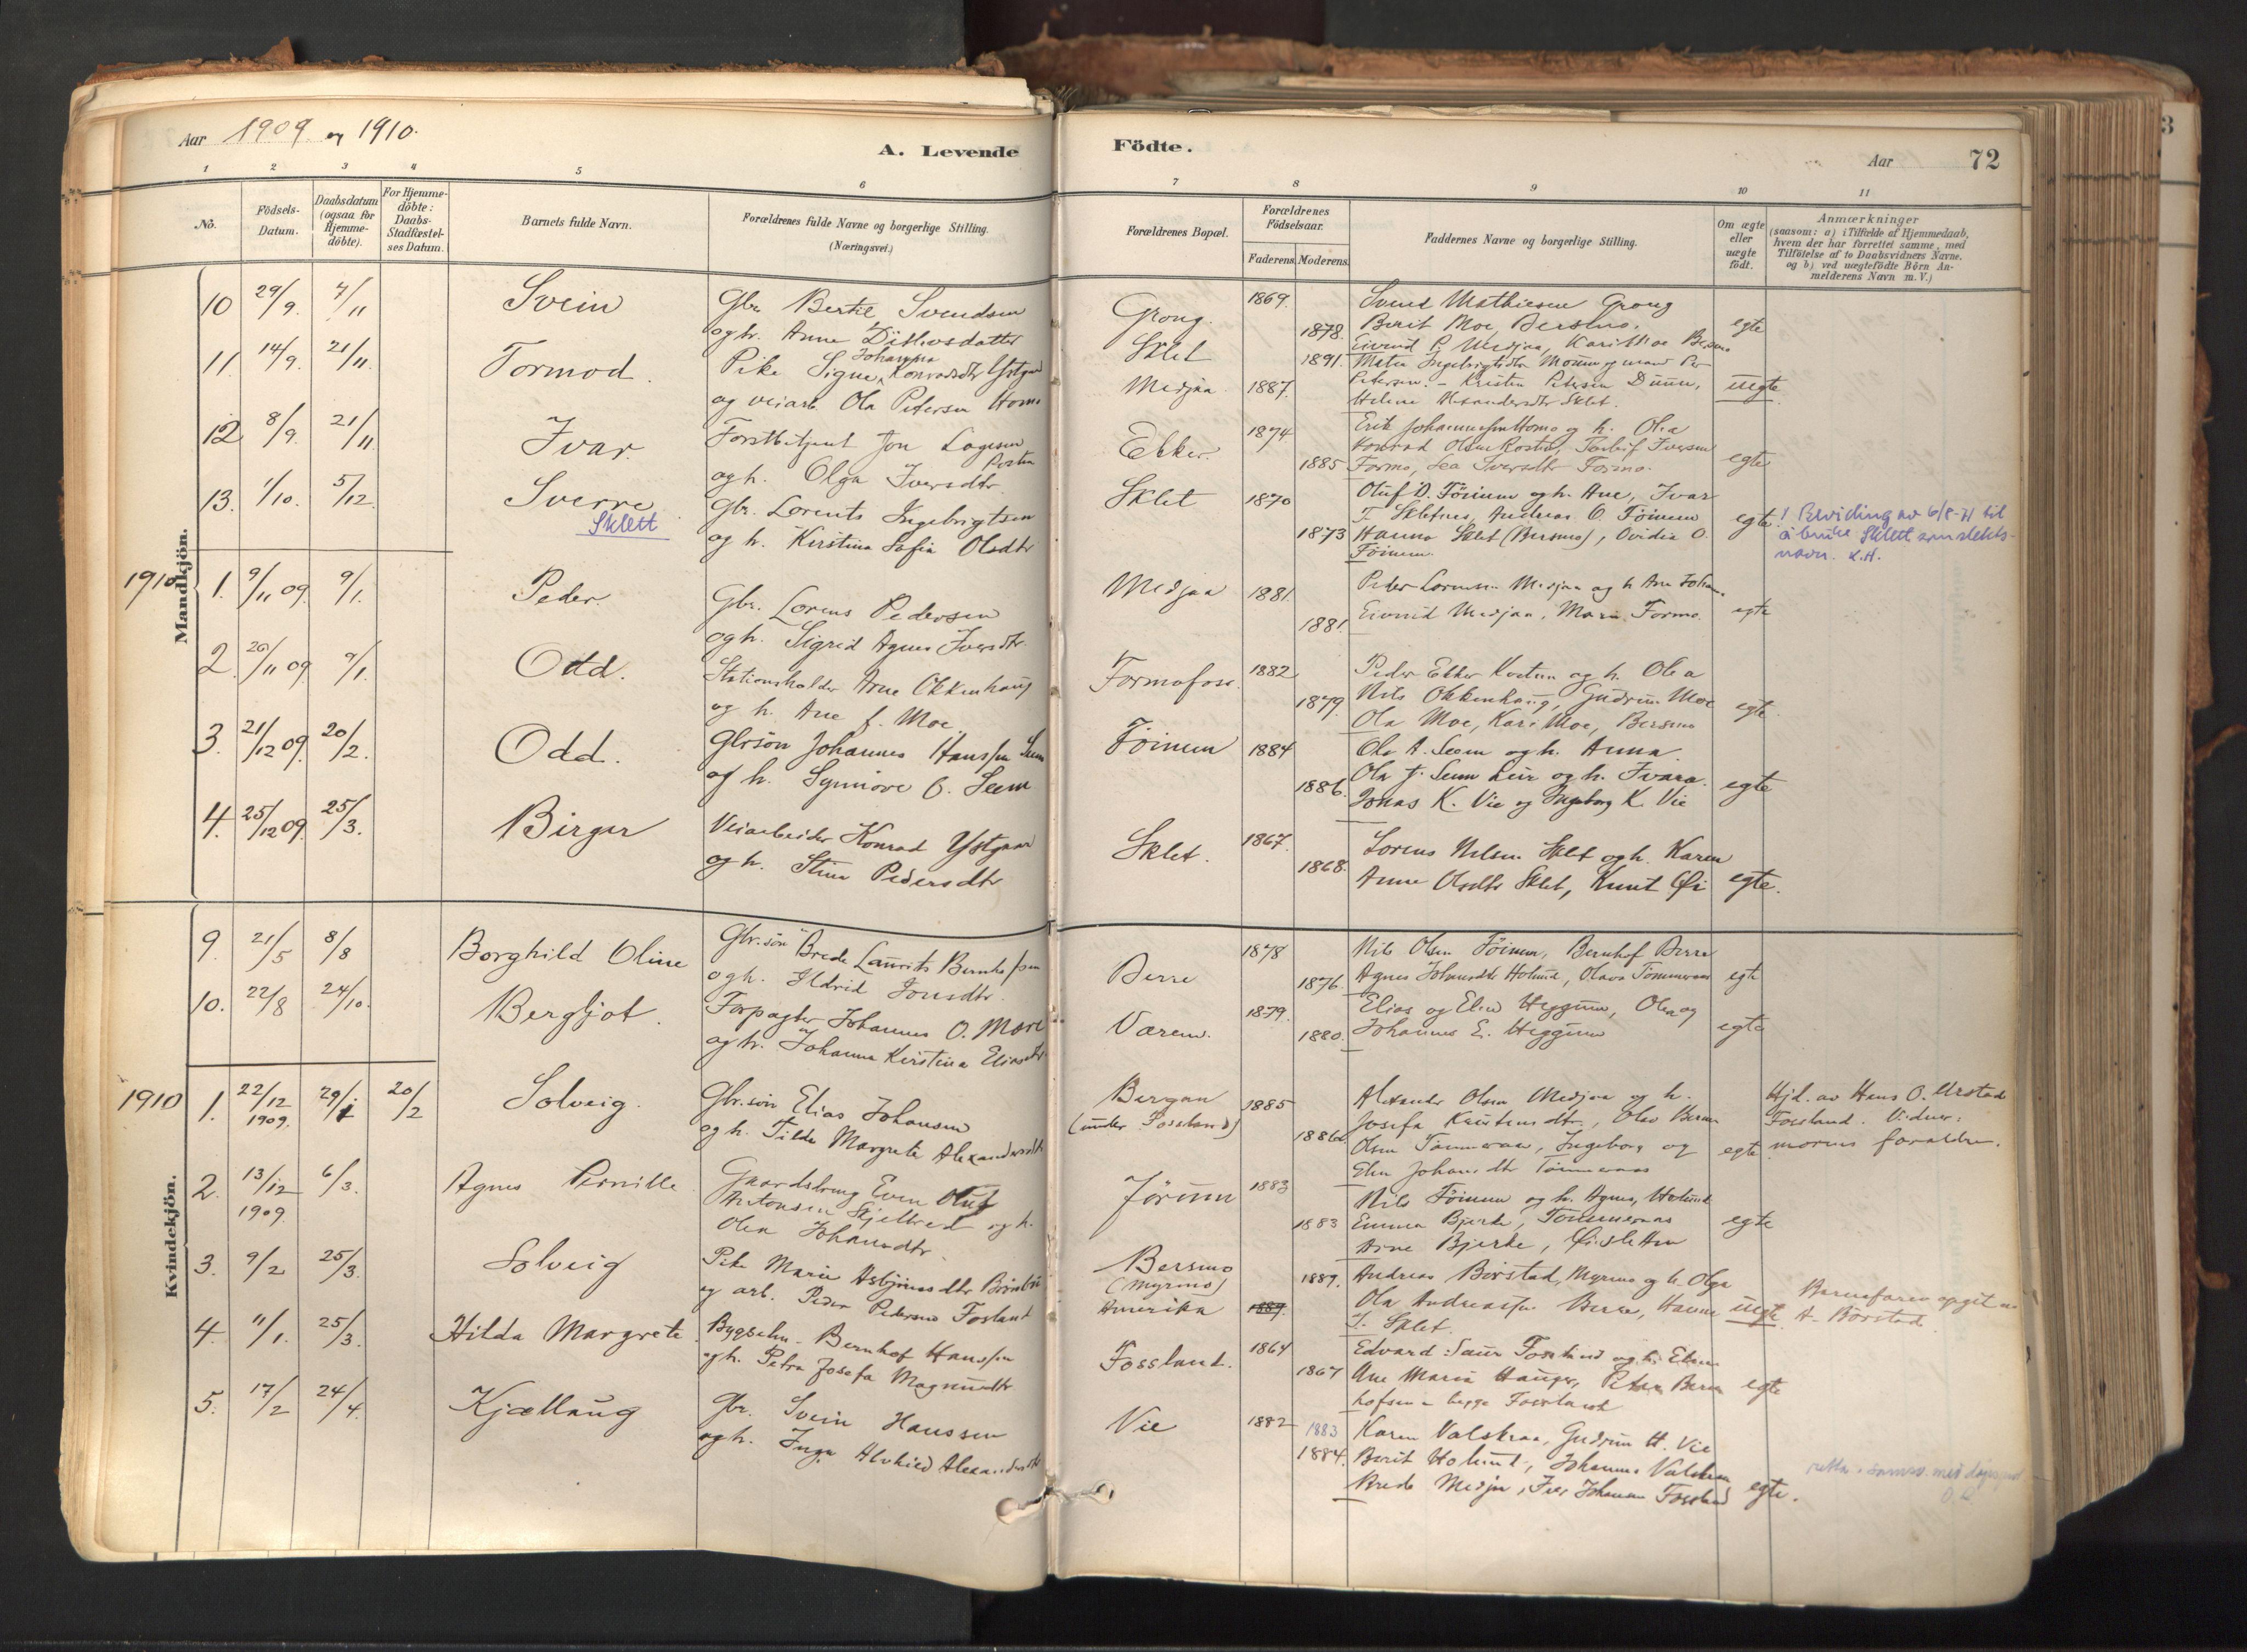 SAT, Ministerialprotokoller, klokkerbøker og fødselsregistre - Nord-Trøndelag, 758/L0519: Ministerialbok nr. 758A04, 1880-1926, s. 72